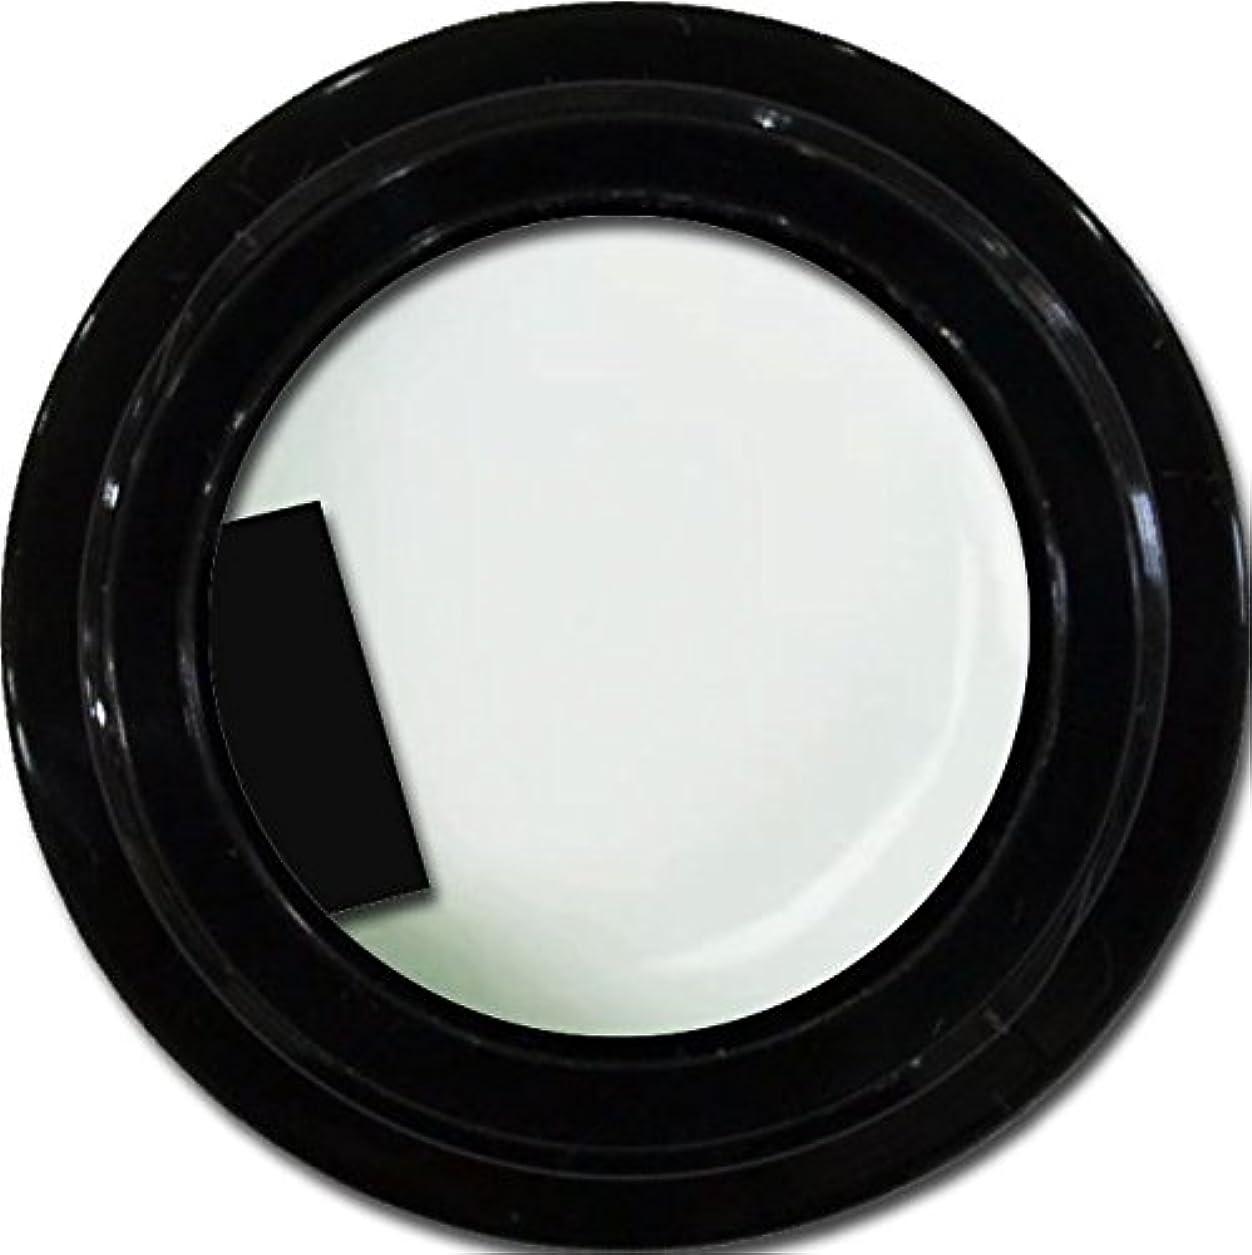 見込み挨拶パーティションカラージェル enchant gel color gel S001 sheer White 3g/ エンチャントジェル カラージェル S001シアーホワイト 3グラム